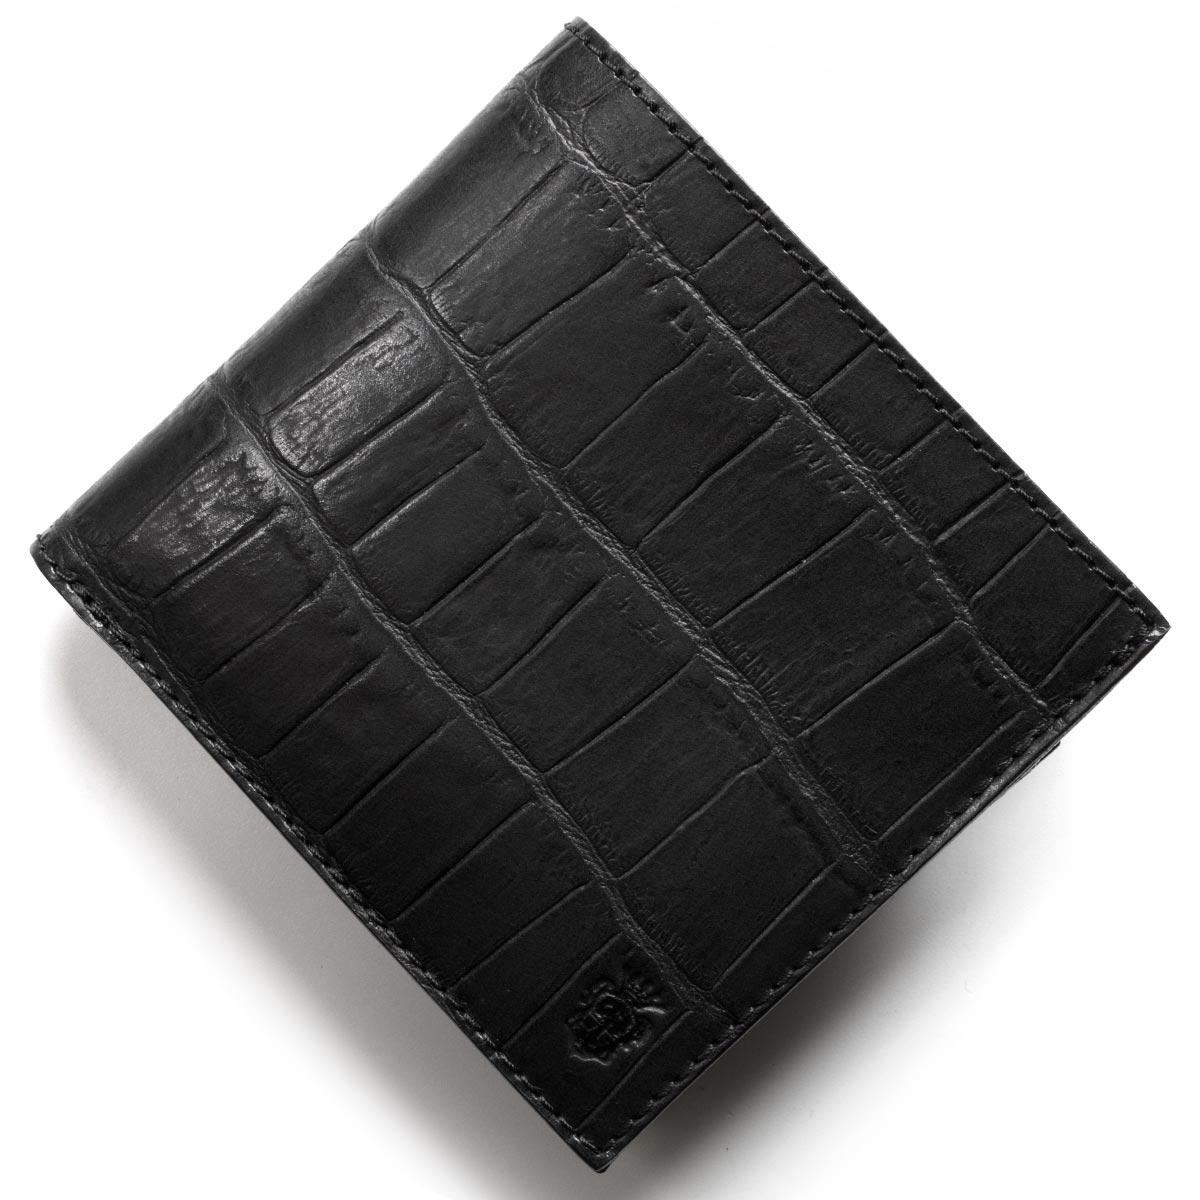 フェリージ 二つ折り財布 財布 メンズ クロコ型押し カードケースセット ブラック 452 SA 0003 2018年春夏新作 FELISI